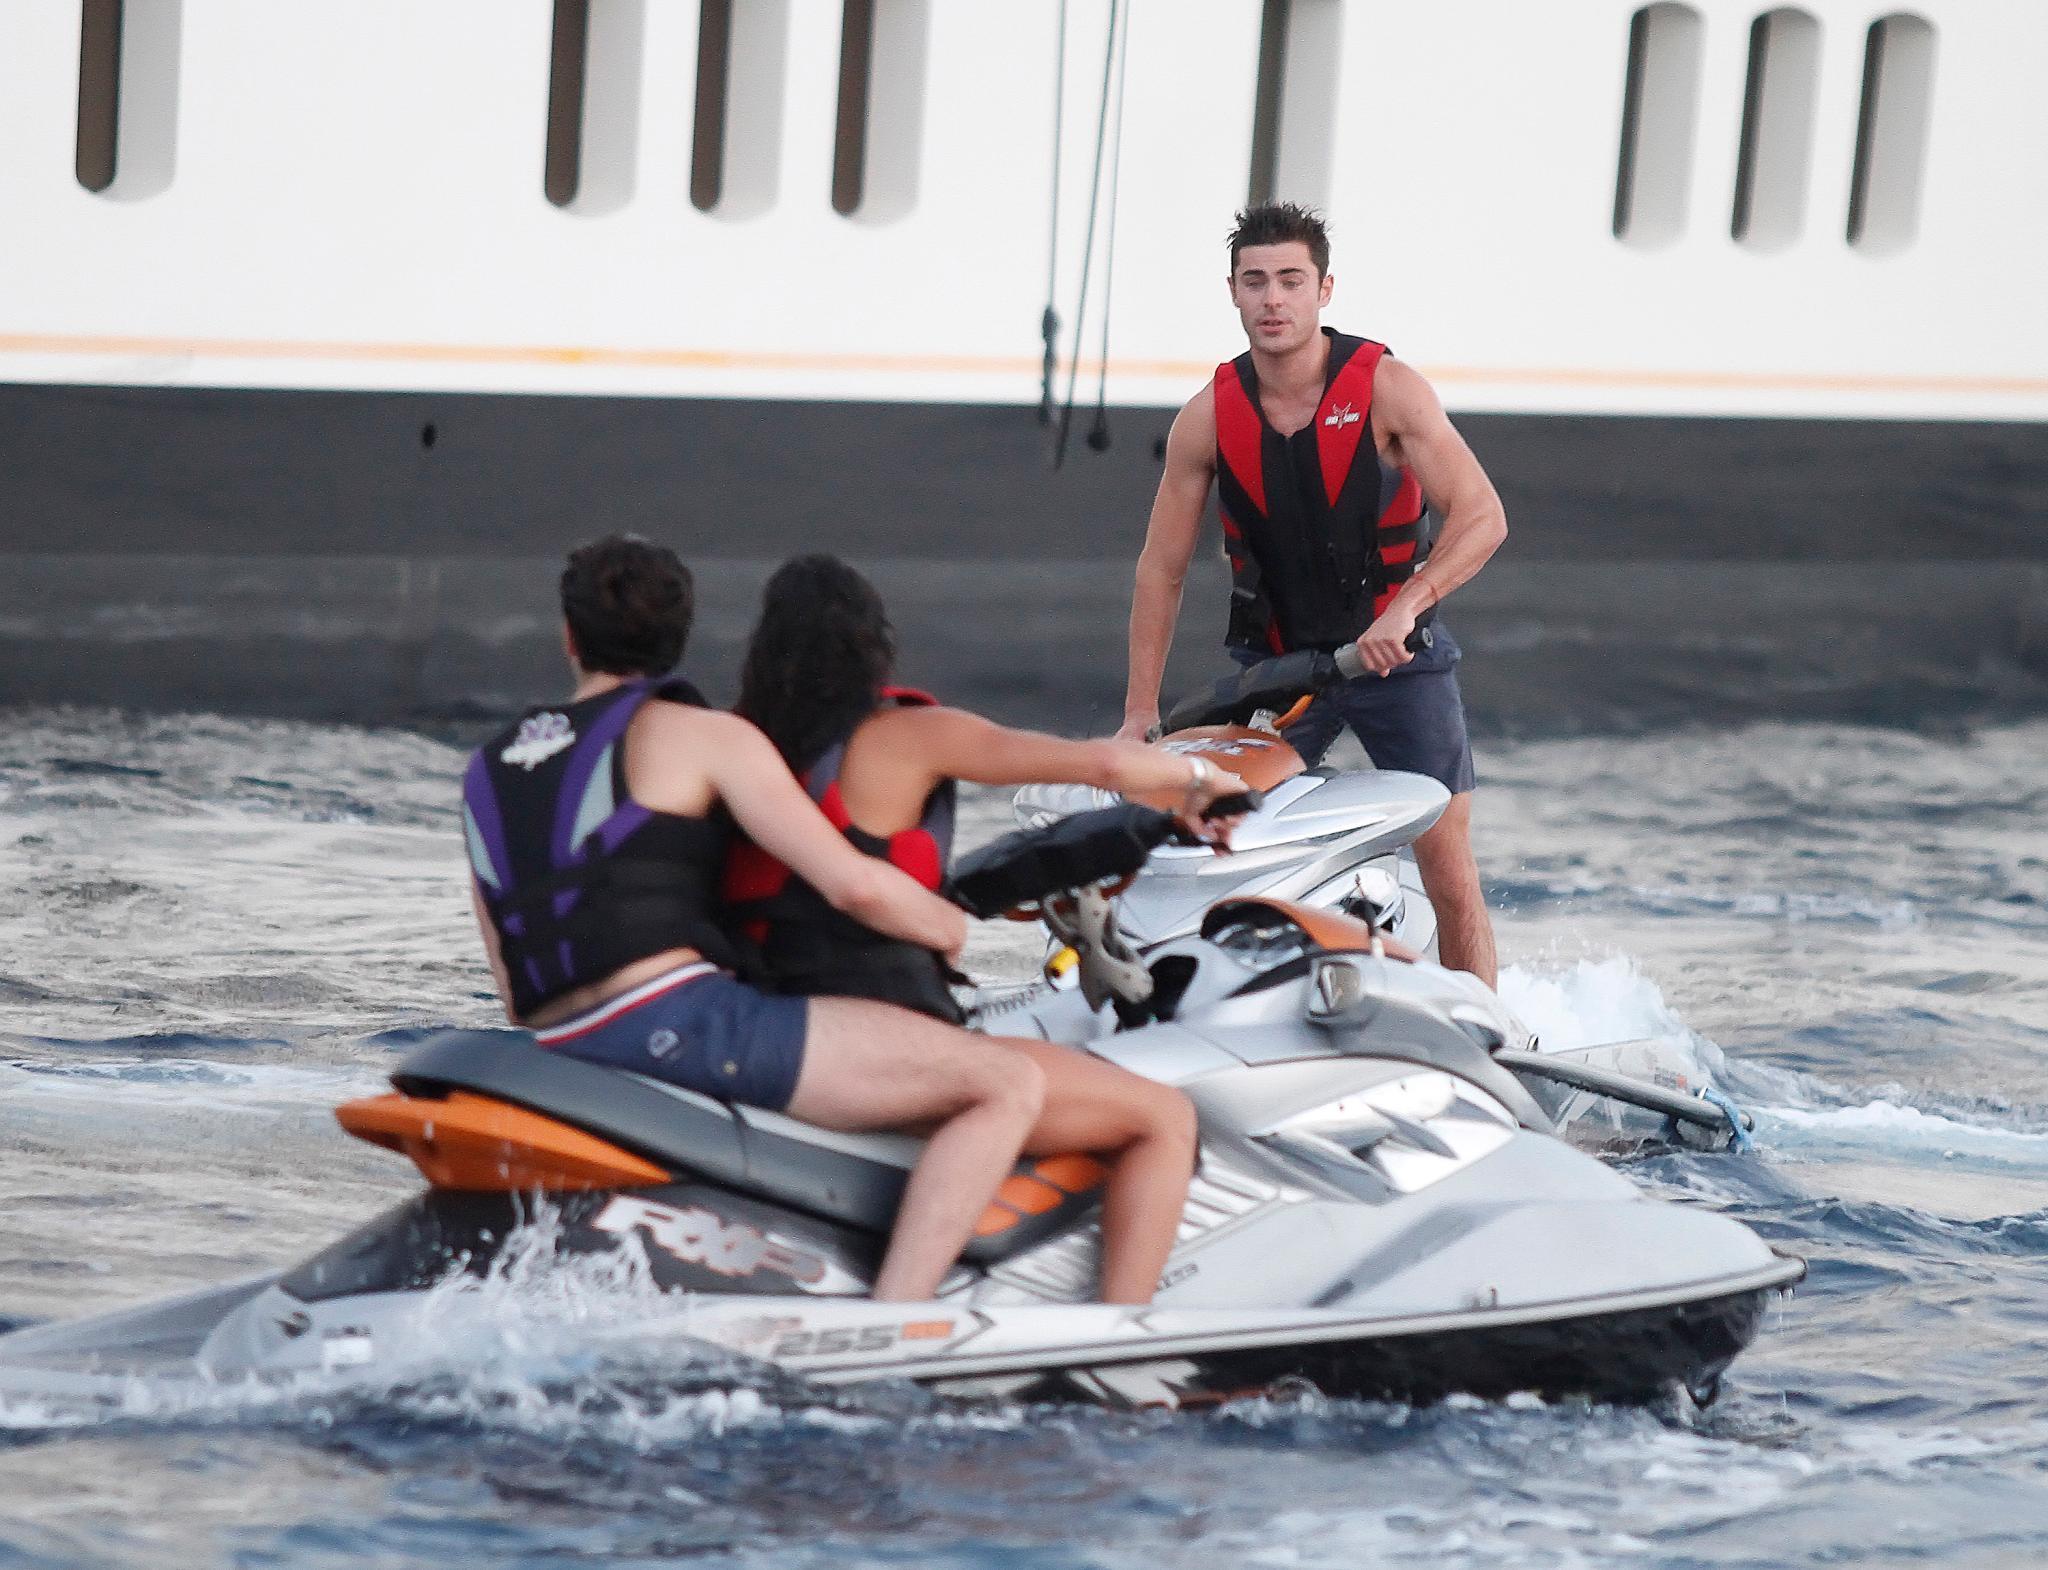 Michelle Rodriguez und Zac Efron fahren auf ihren Jetskis um die Wette. Sie hat noch einen anderen Passagier dabei.